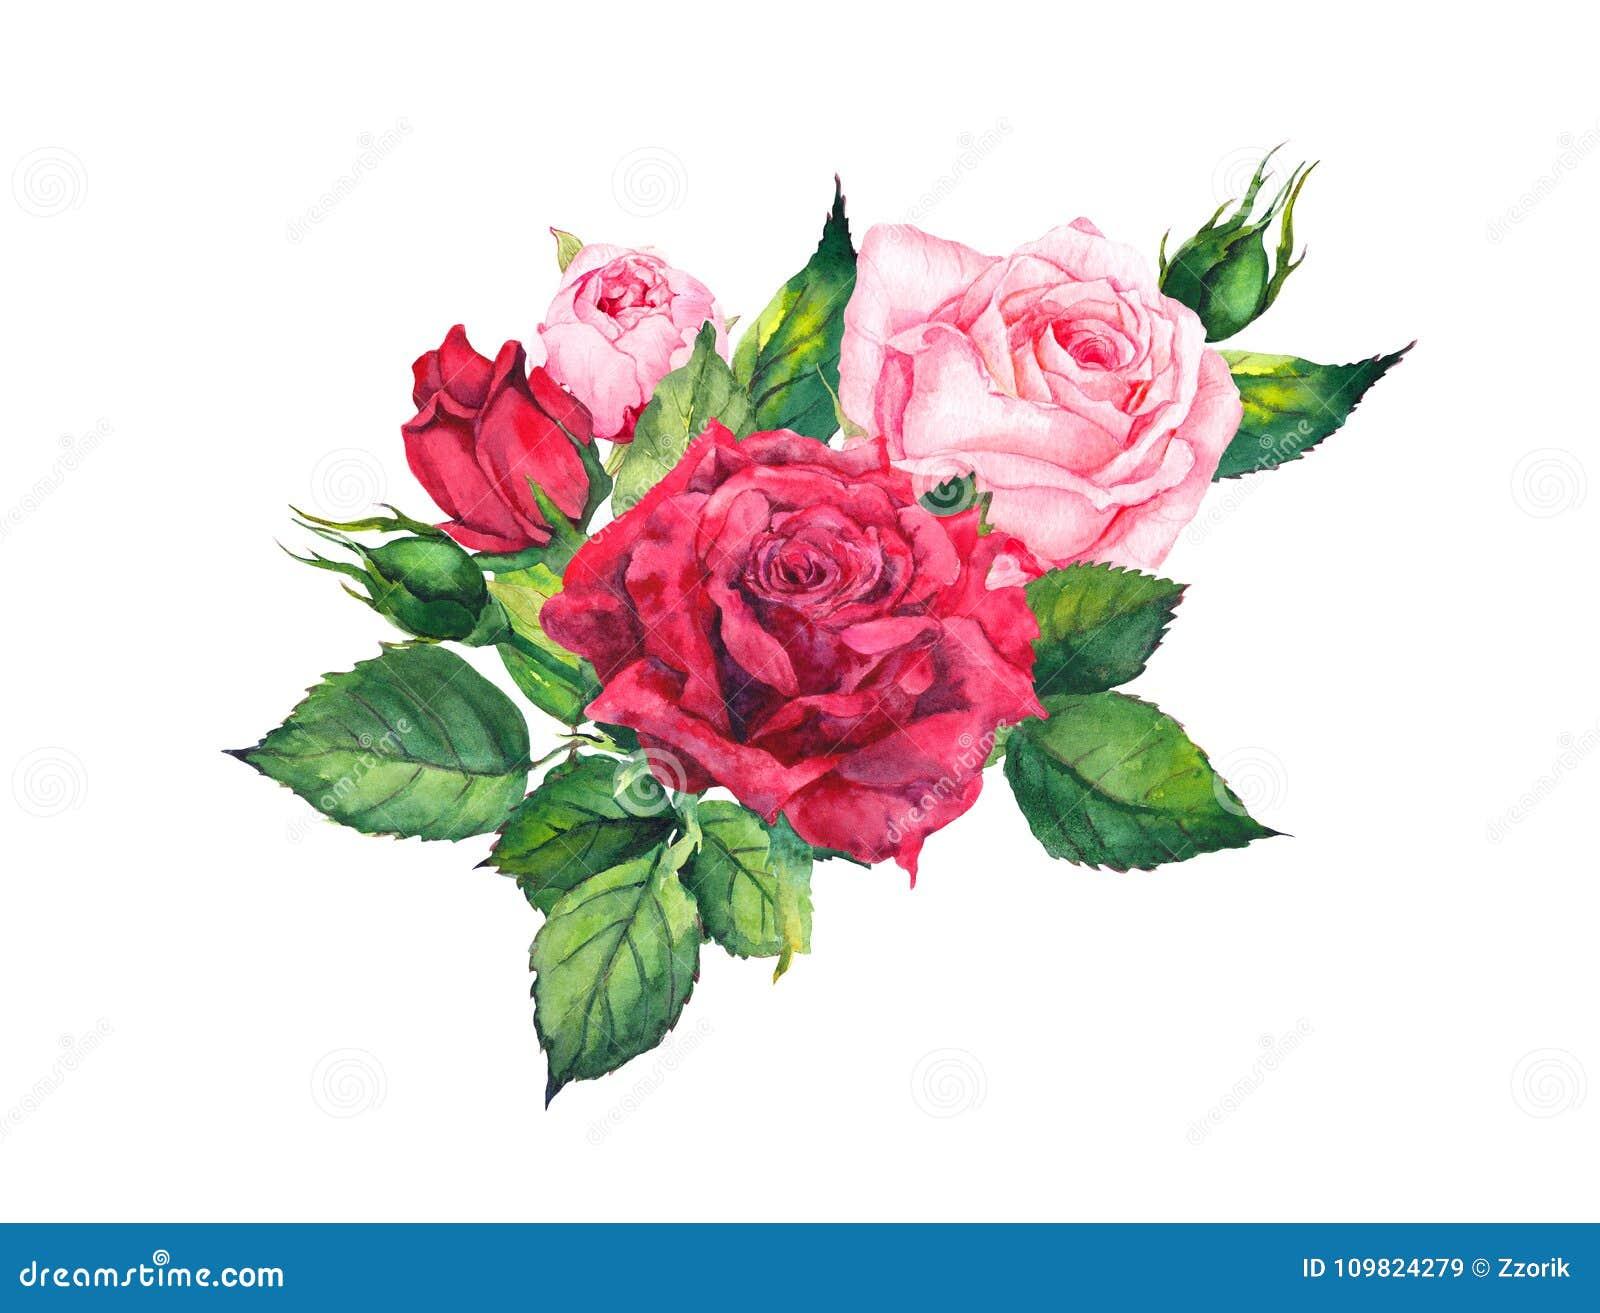 roses rouges - composition florale aquarelle pour la carte de